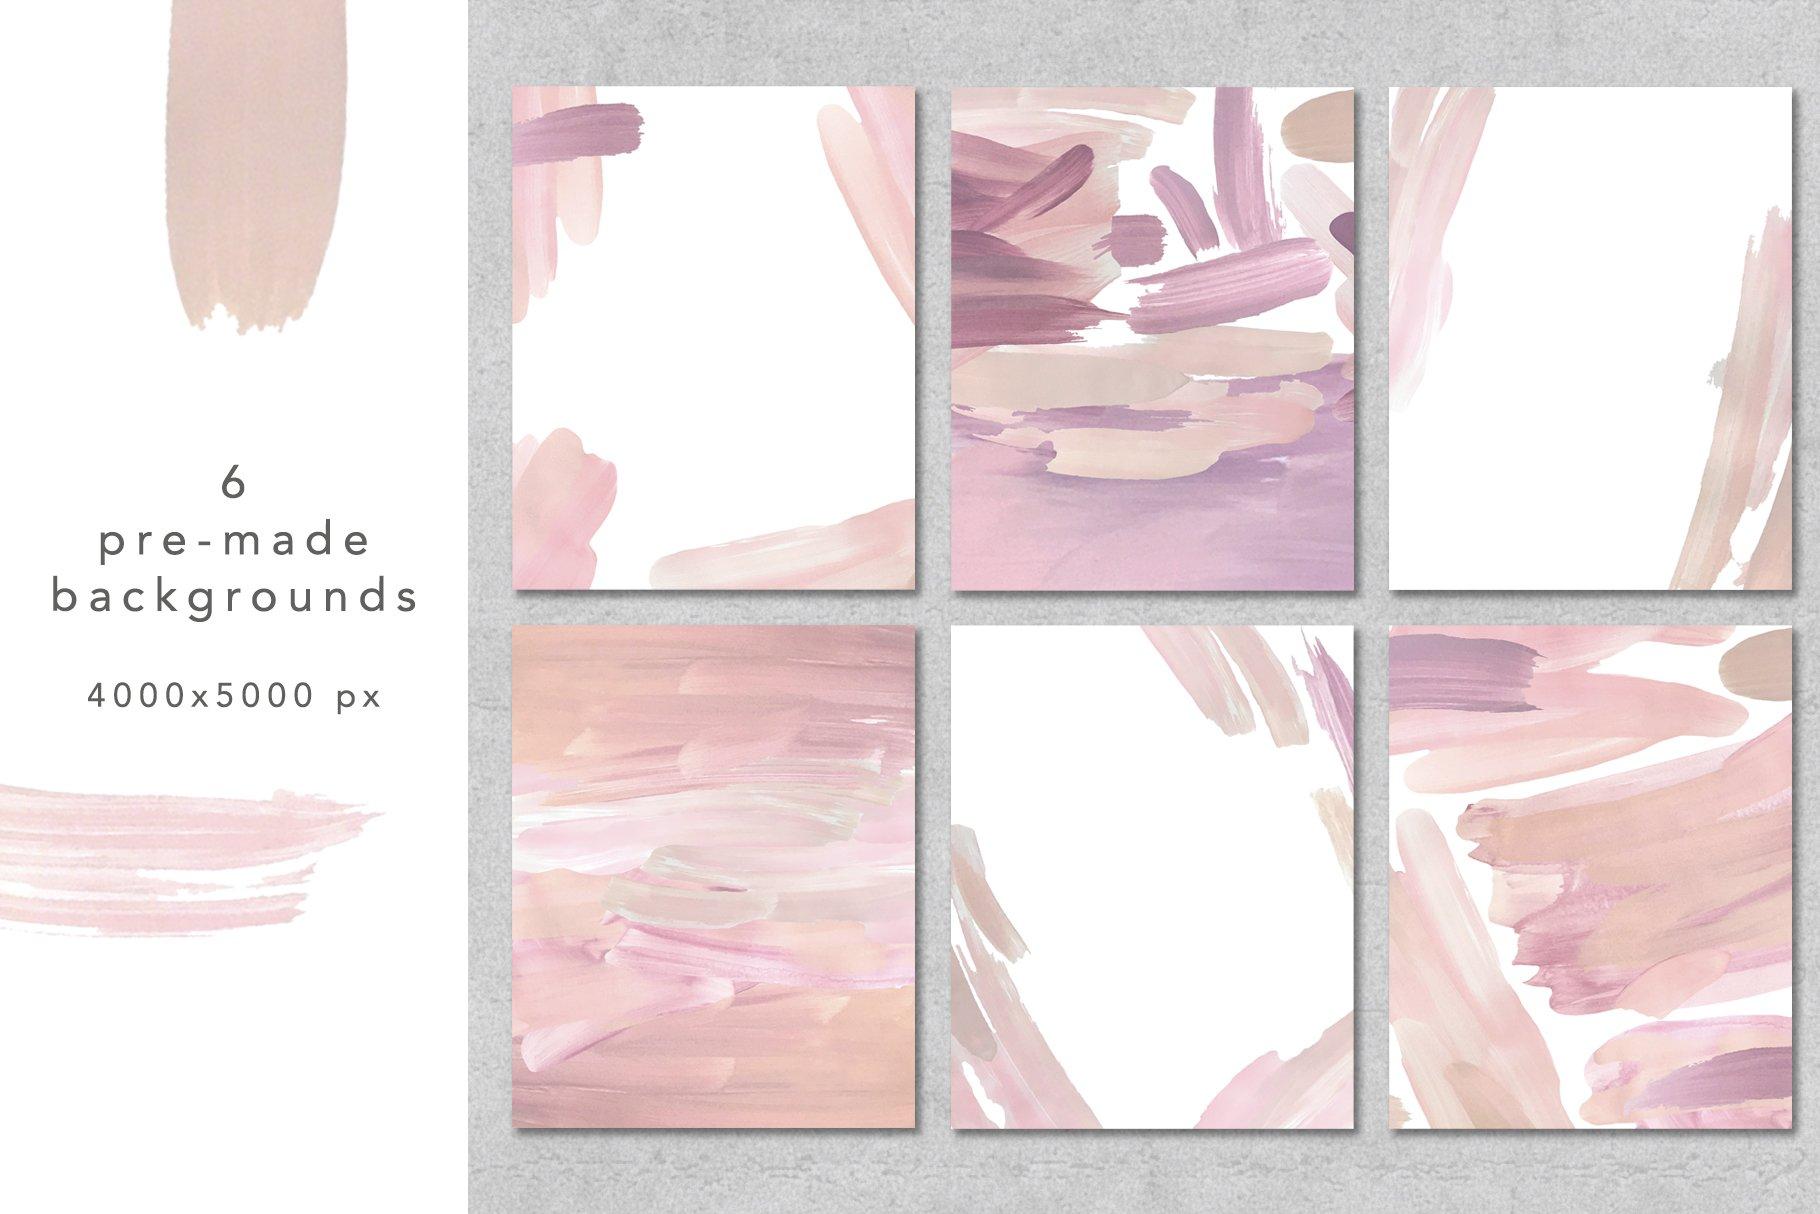 18个粉色画笔笔刷PNG纹理素材 PINK Textures Vol.1插图(7)